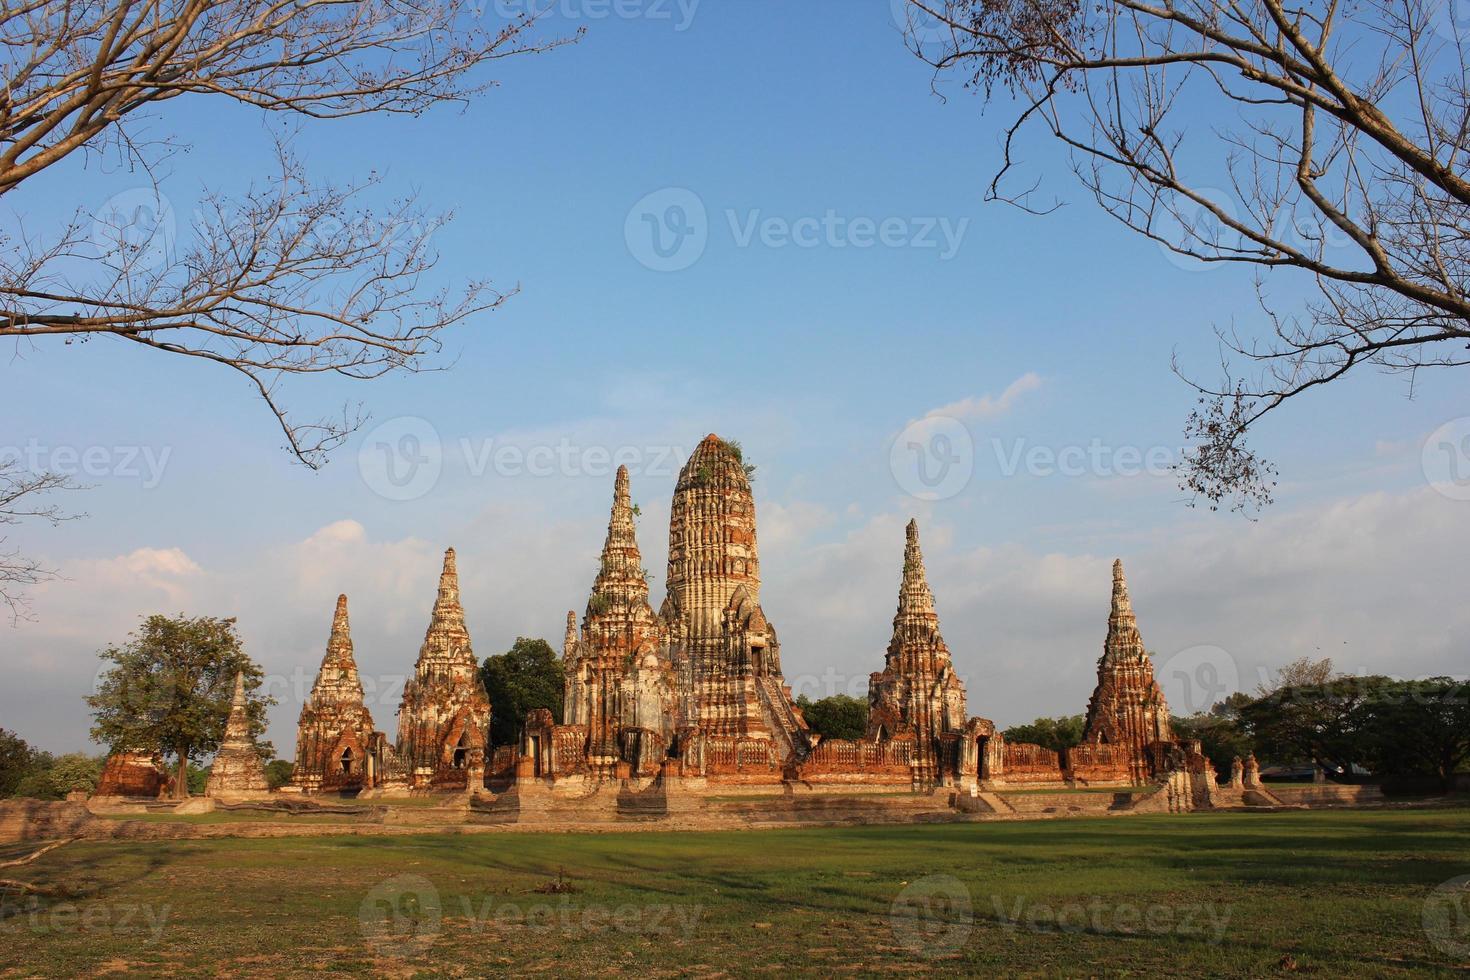 Ayutthaya historisch park, Thailand foto